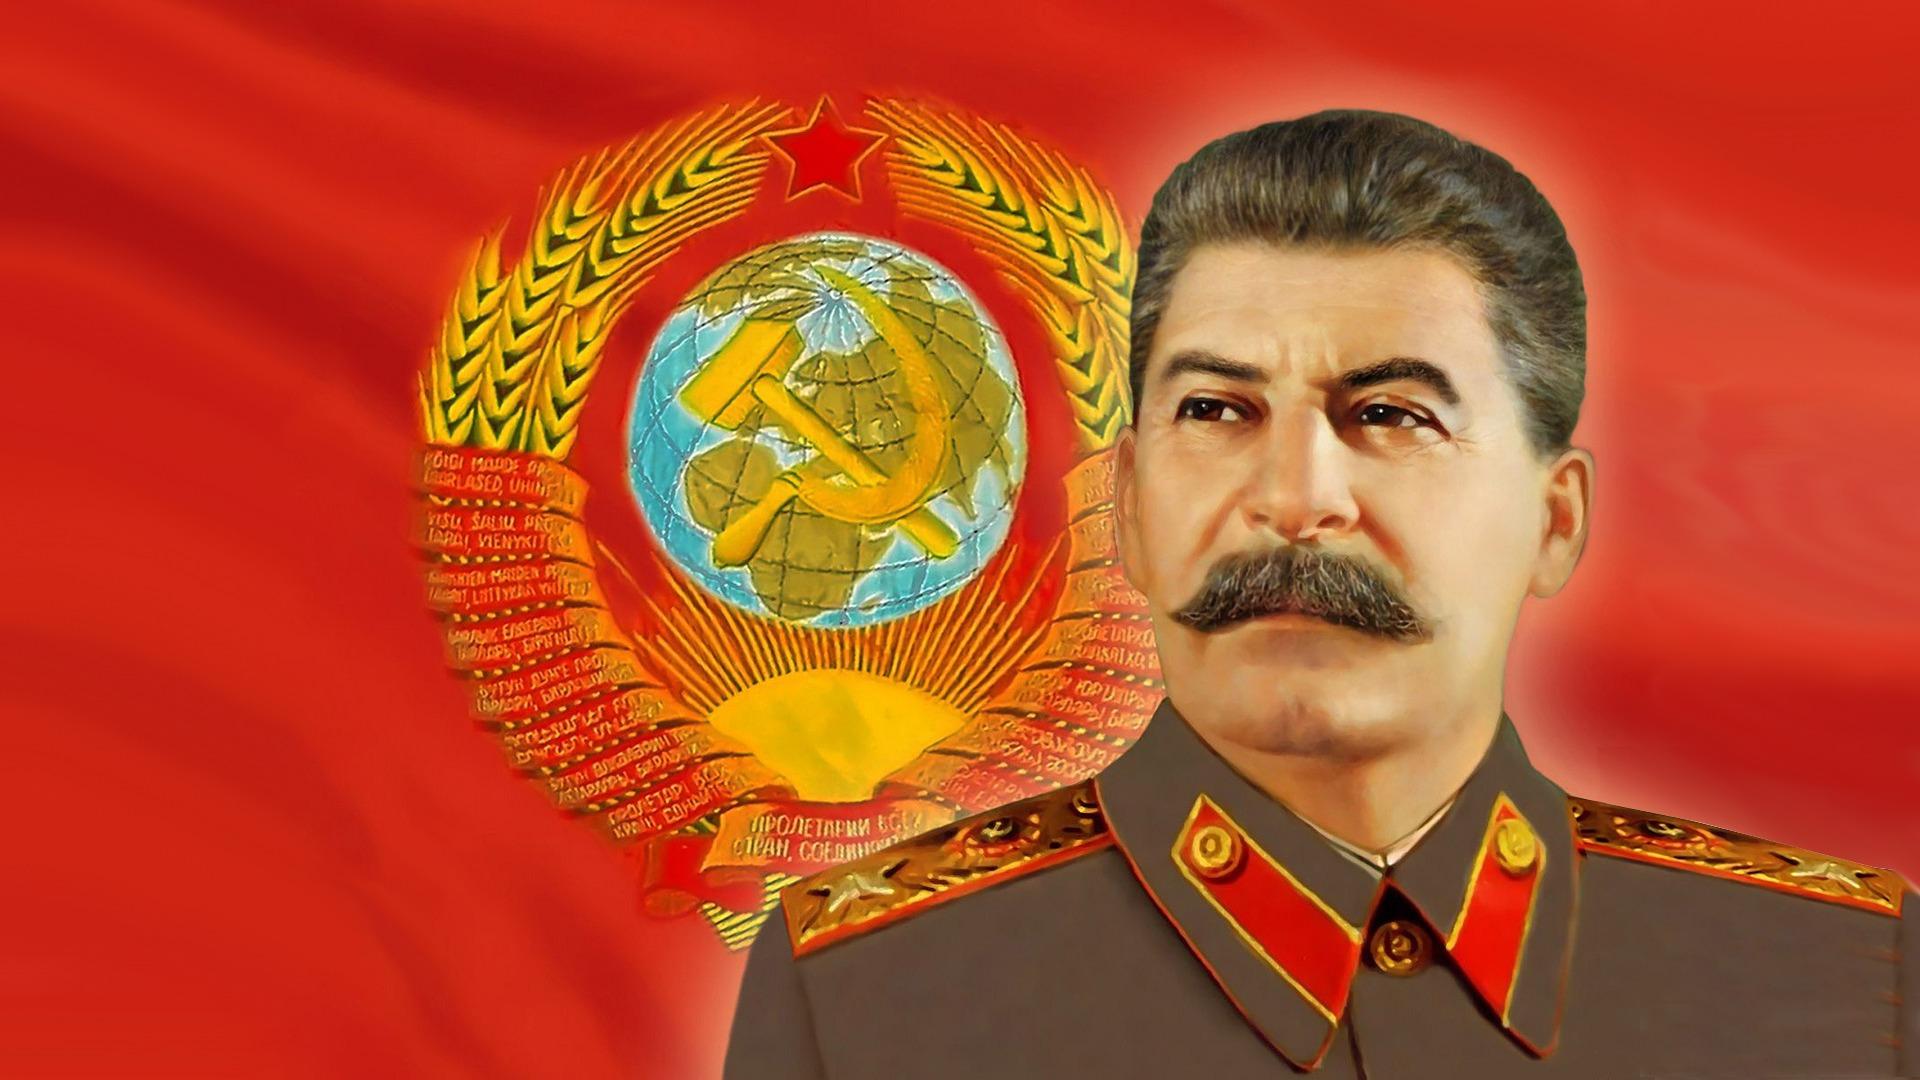 5 марта 2016 – возложение цветов к могиле Сталина И.В. – великого Вождя народов